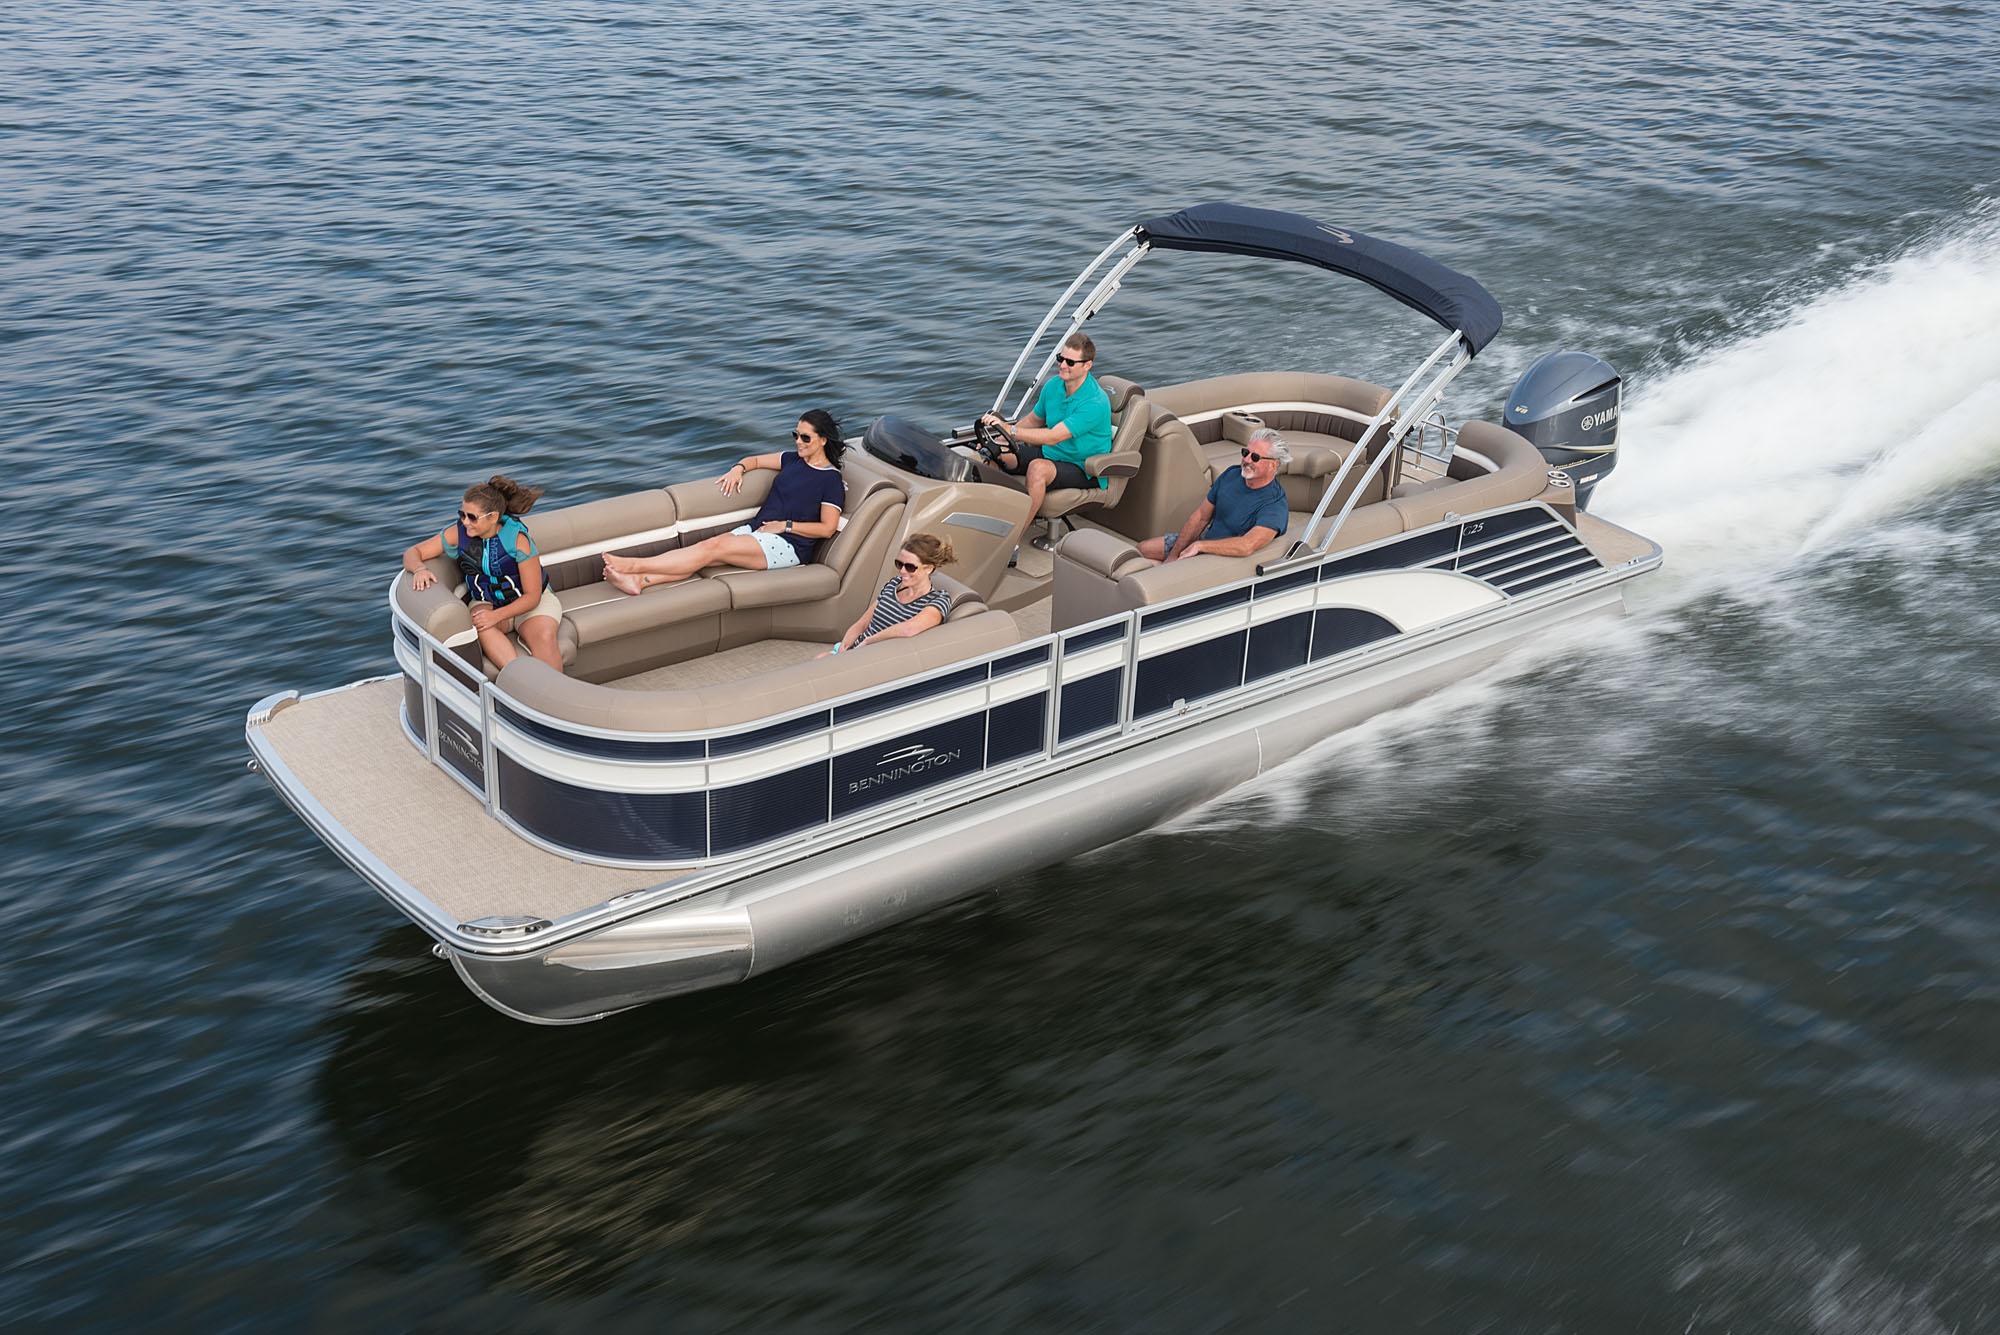 2019 Bennington G25 Fastback Boating Magazine